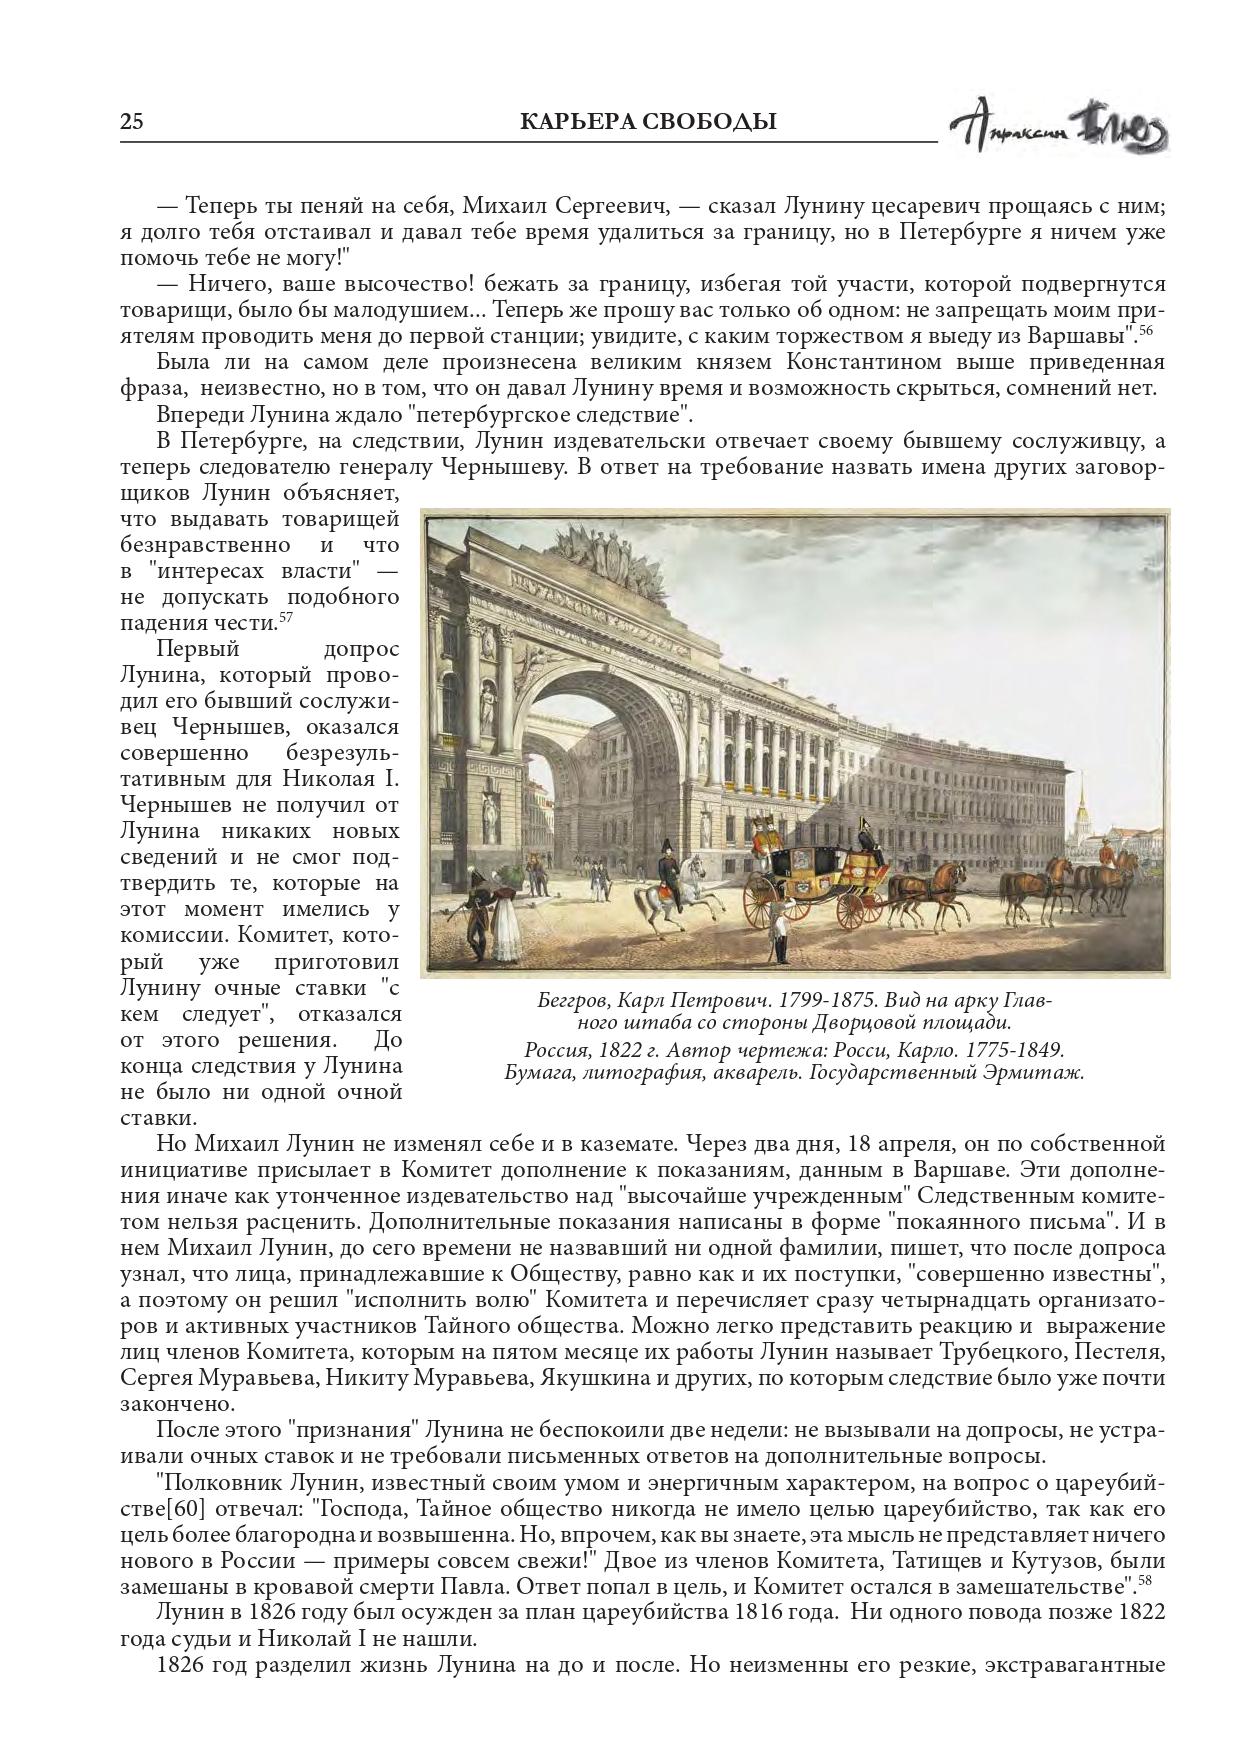 http://forumstatic.ru/files/001a/7d/26/28868.jpg